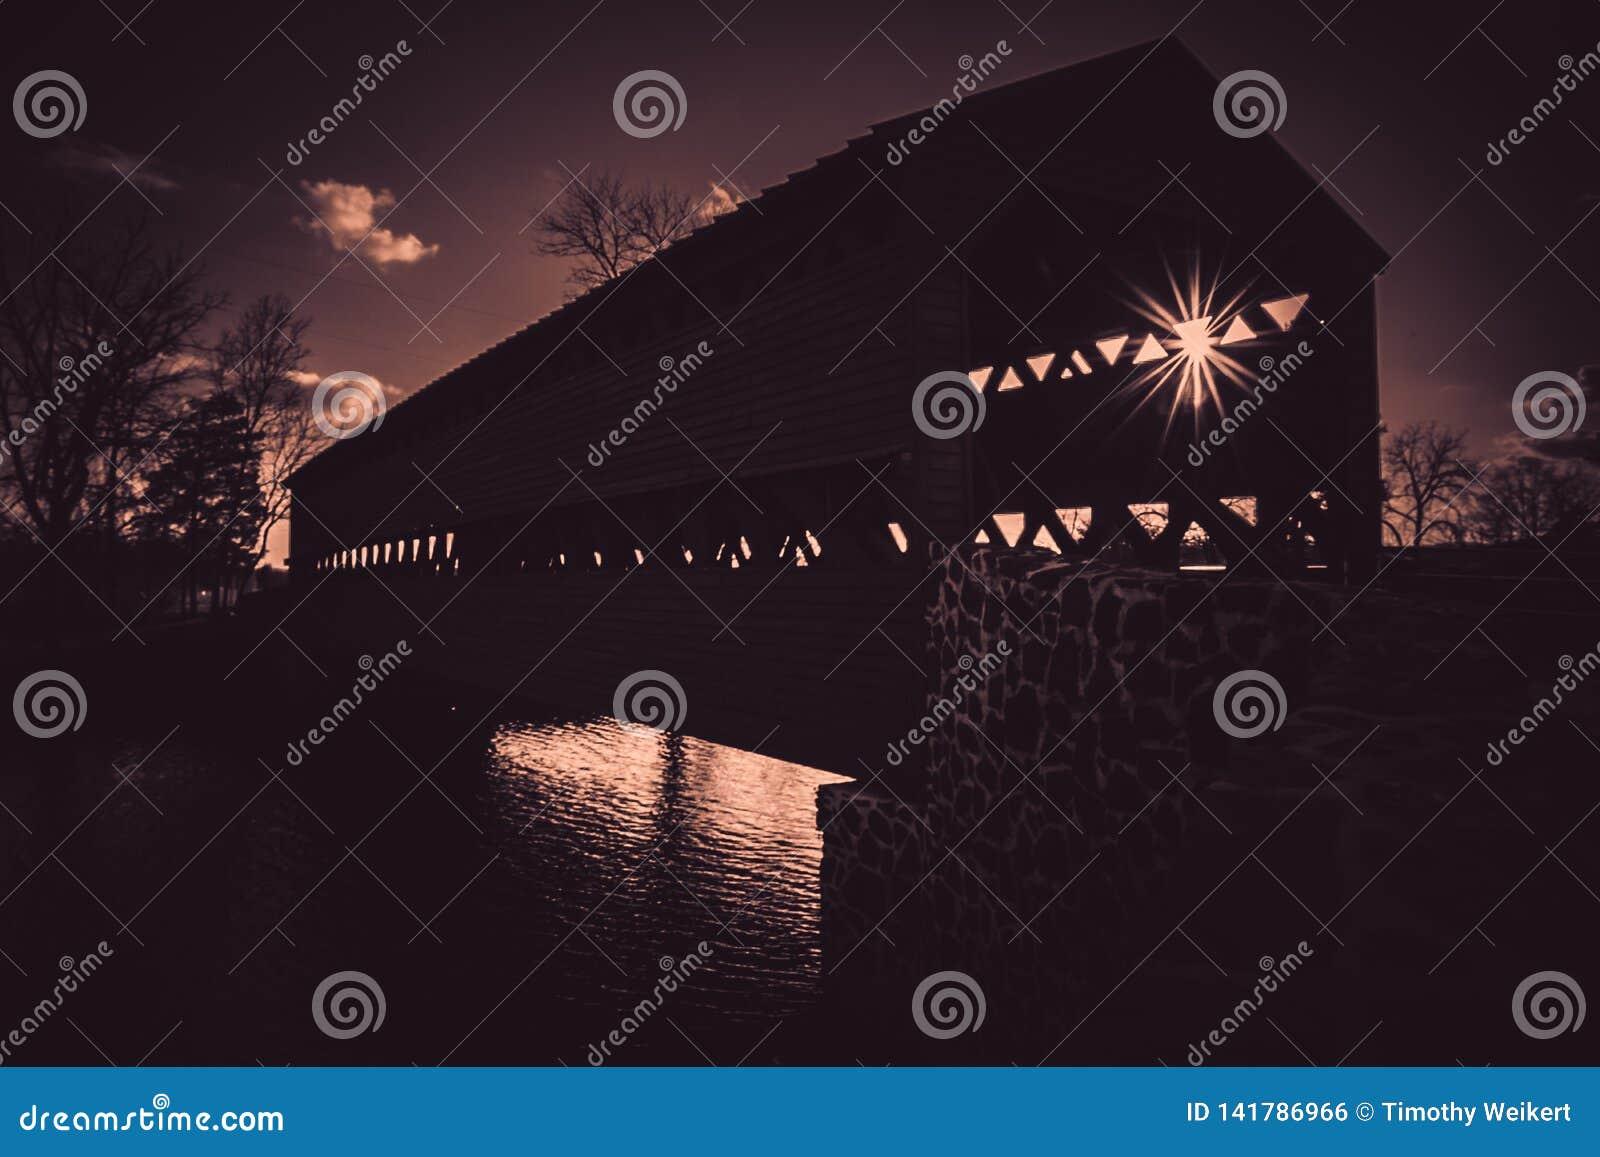 Gespenstische Sachs-überdachte Brücke in Gettysburg, PA im Schattenbild mit einem Sonnendurchbruch